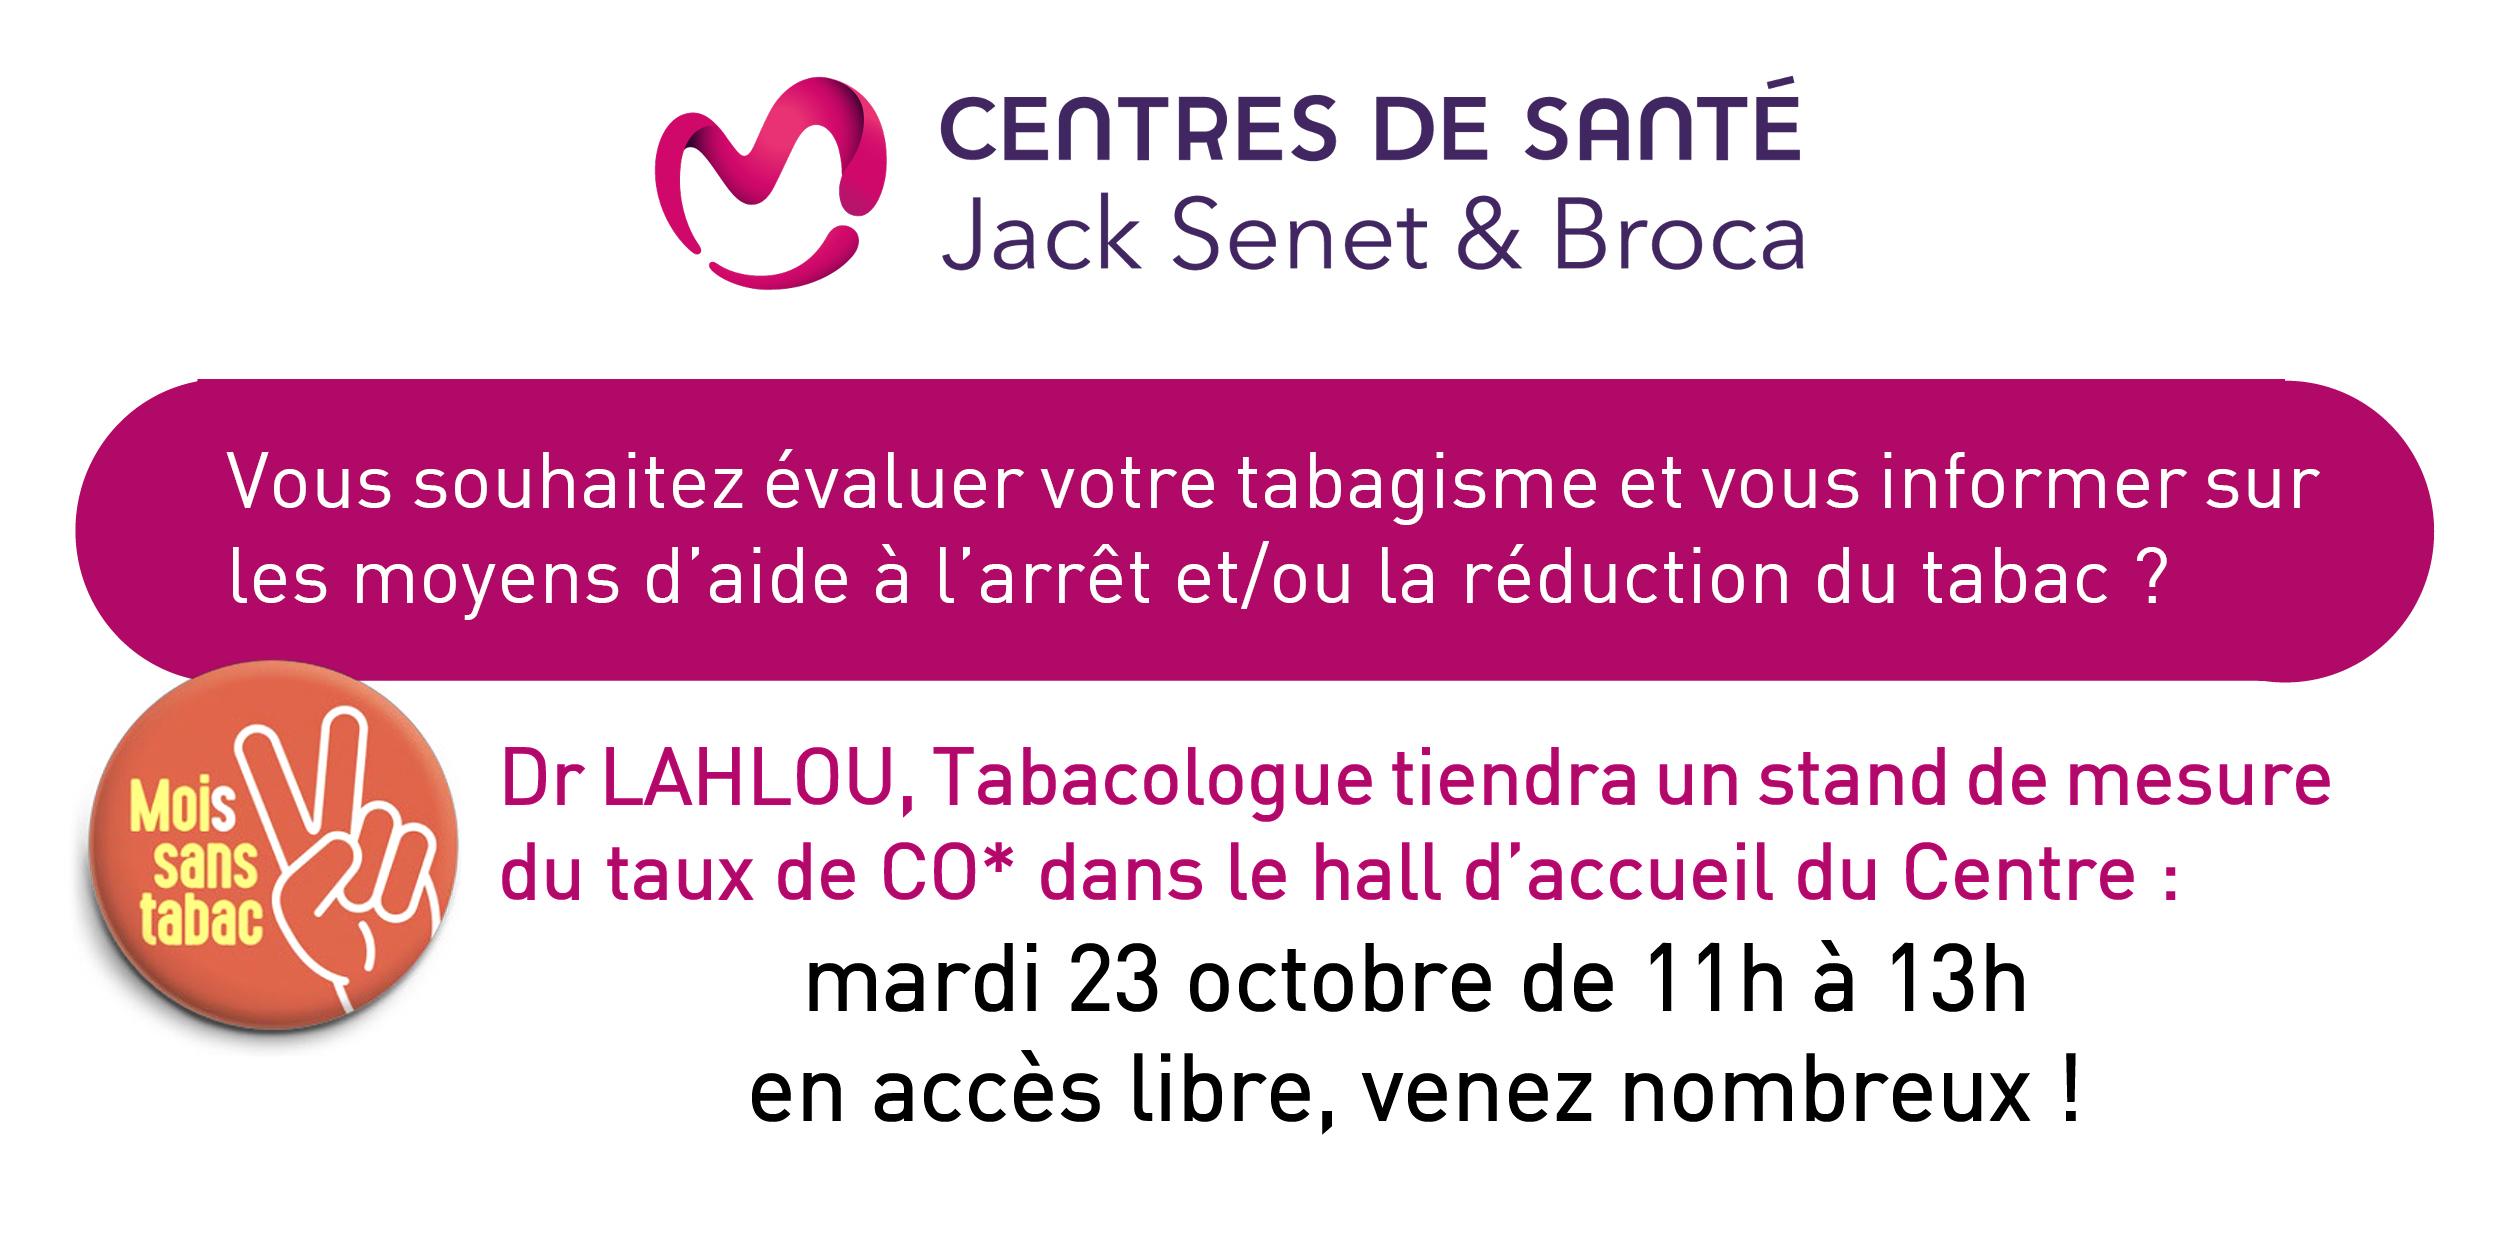 Moi(s) sans tabac : évaluation de votre tabagisme ce mardi avec le Dr Lahlou !